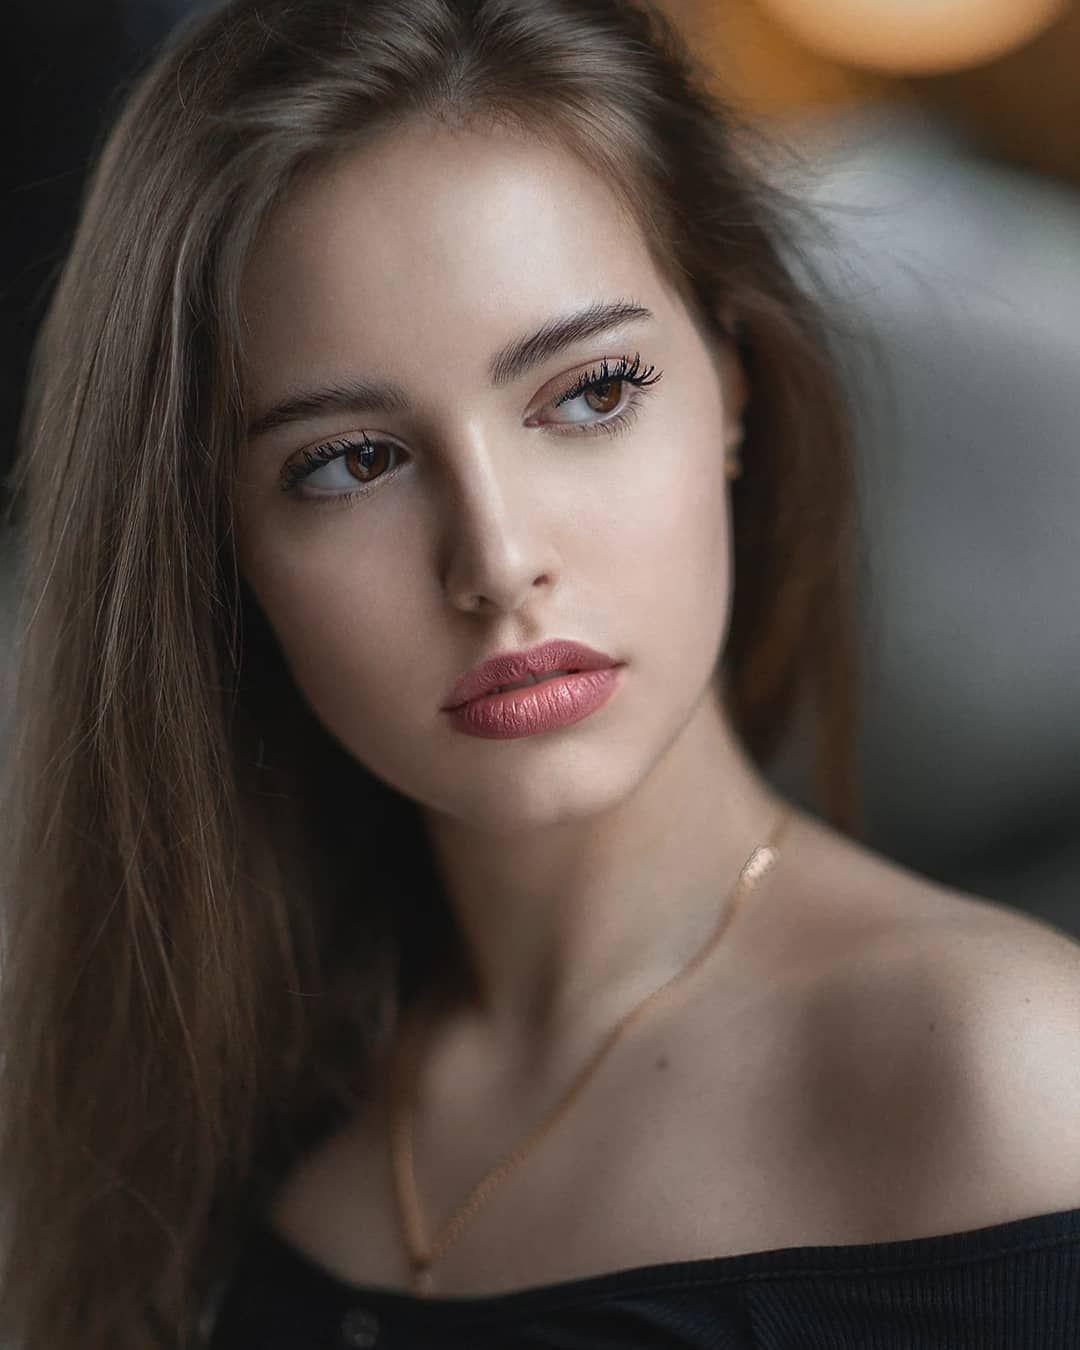 Девушка модель по теме работа и мощность девушка модель внеурочной работы